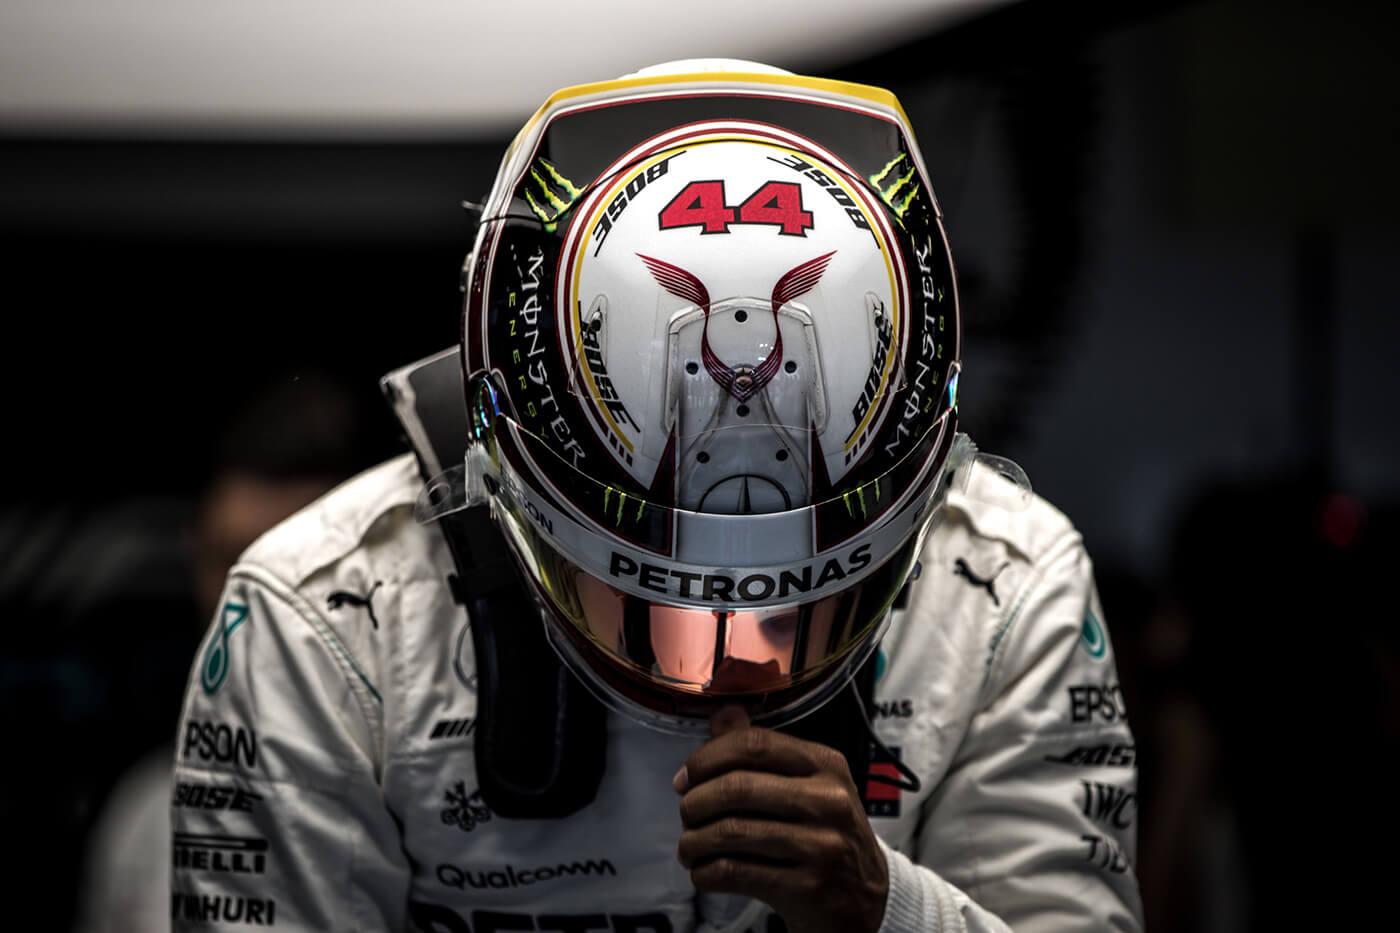 Hamilton ötödször világbajnok, Verstappen nyert